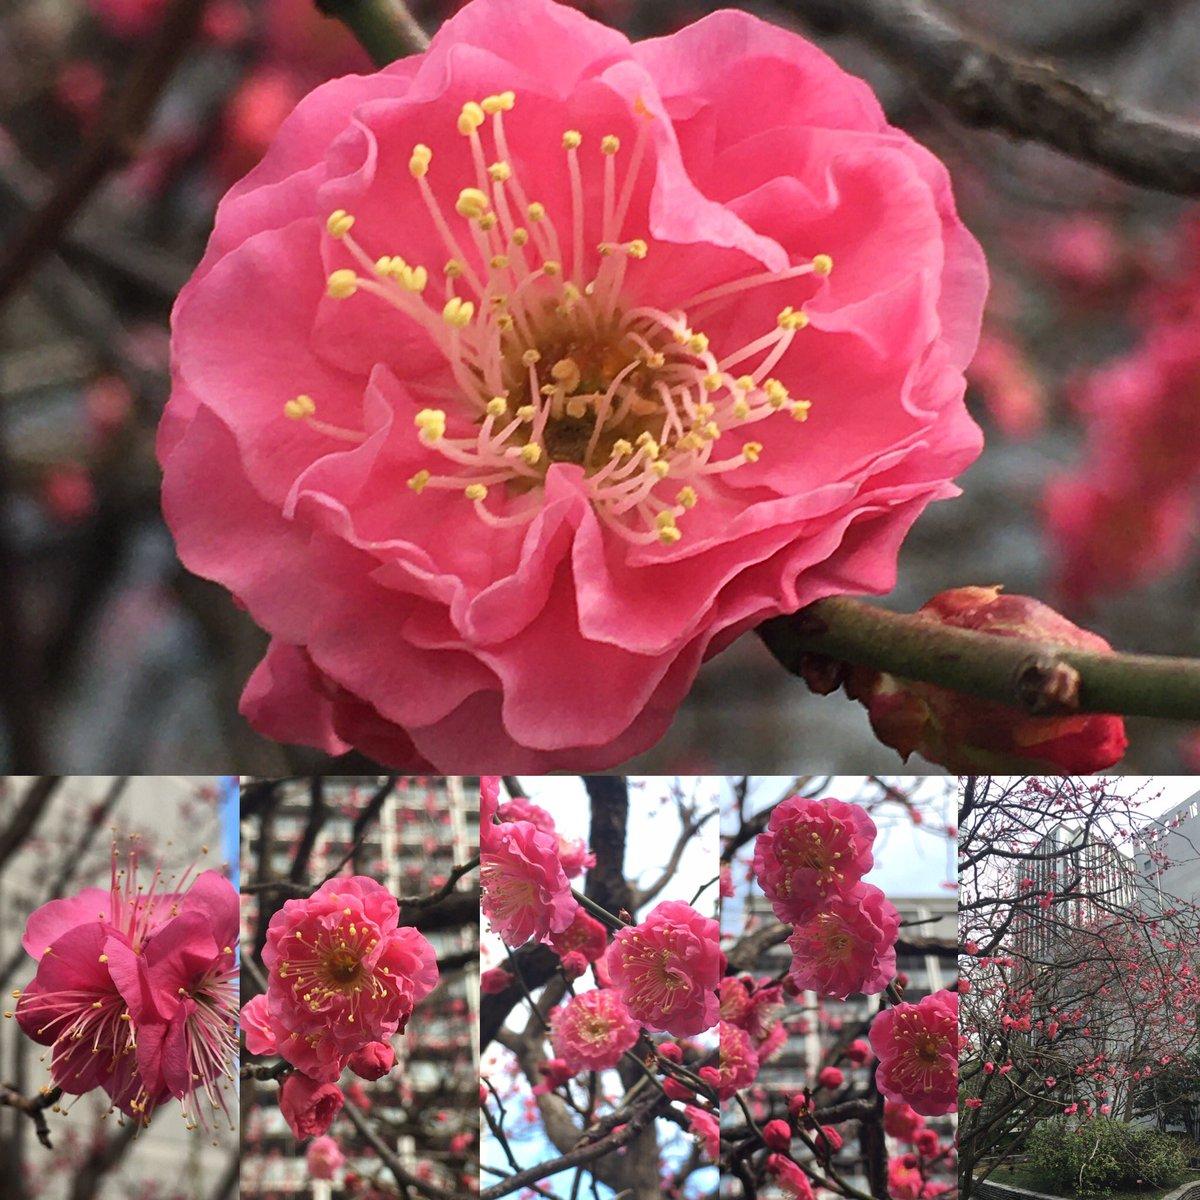 2021.1.27こんにちは😃昼休みに会社の近くの中庭で、寒紅梅ちゃんを眺めてます💐 梅のほのかな香りがします。午後からも仕事頑張りましょう♪ #花が好き #花が好きな人と繋がりたい #花がある暮らし #flowers #flower #花 #ピンクの花 #pinkflowers #pinkflower #pretty  #梅 #梅の花 #寒紅梅